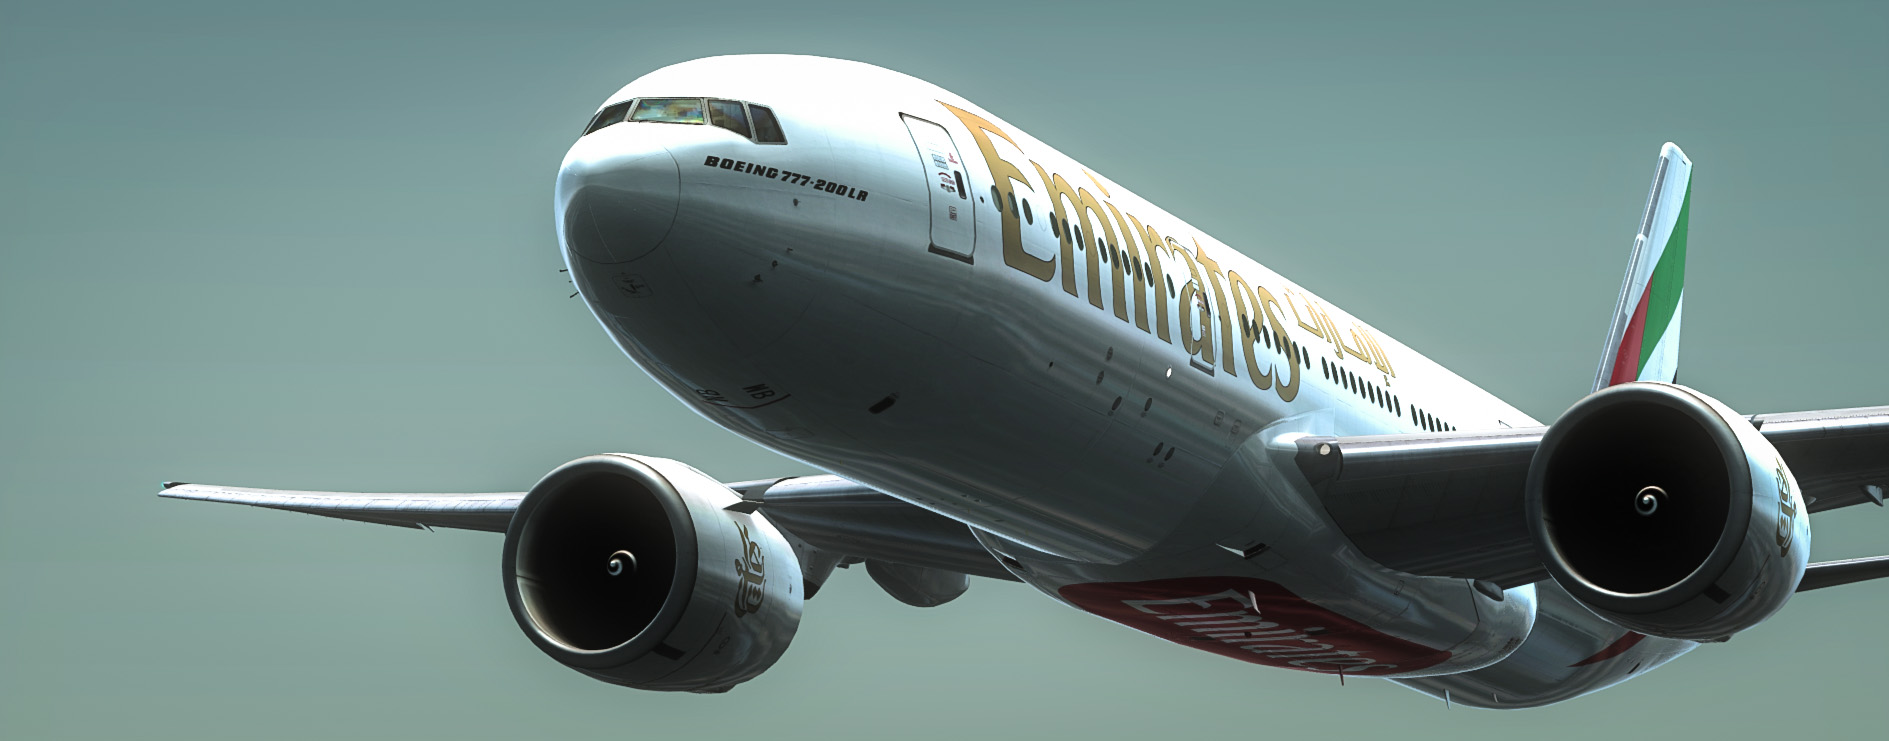 PMDG 777 In Dubai Loads Of Screenshots